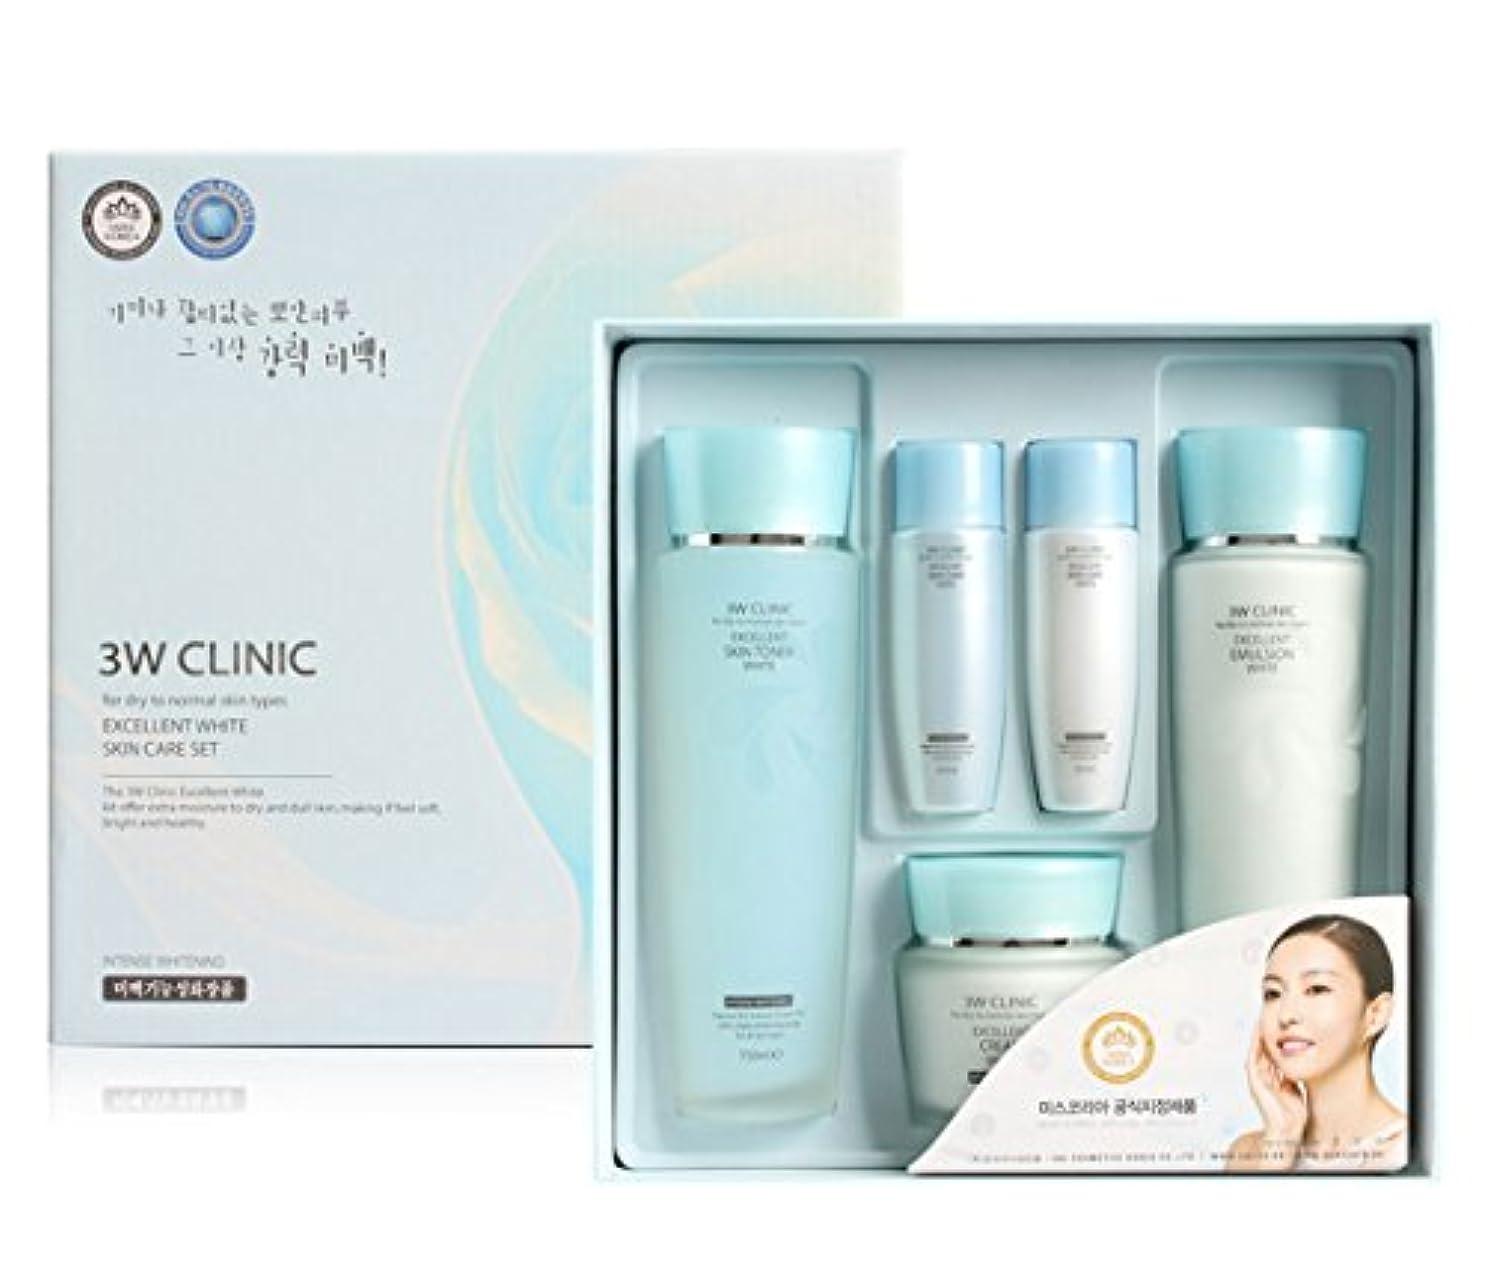 カートン意図設置3Wクリニック[韓国コスメ3w Clinic]Excellent White Skin Care set エクセレントホワイトスキンケア3セット,樹液,乳液,クリーム [並行輸入品]